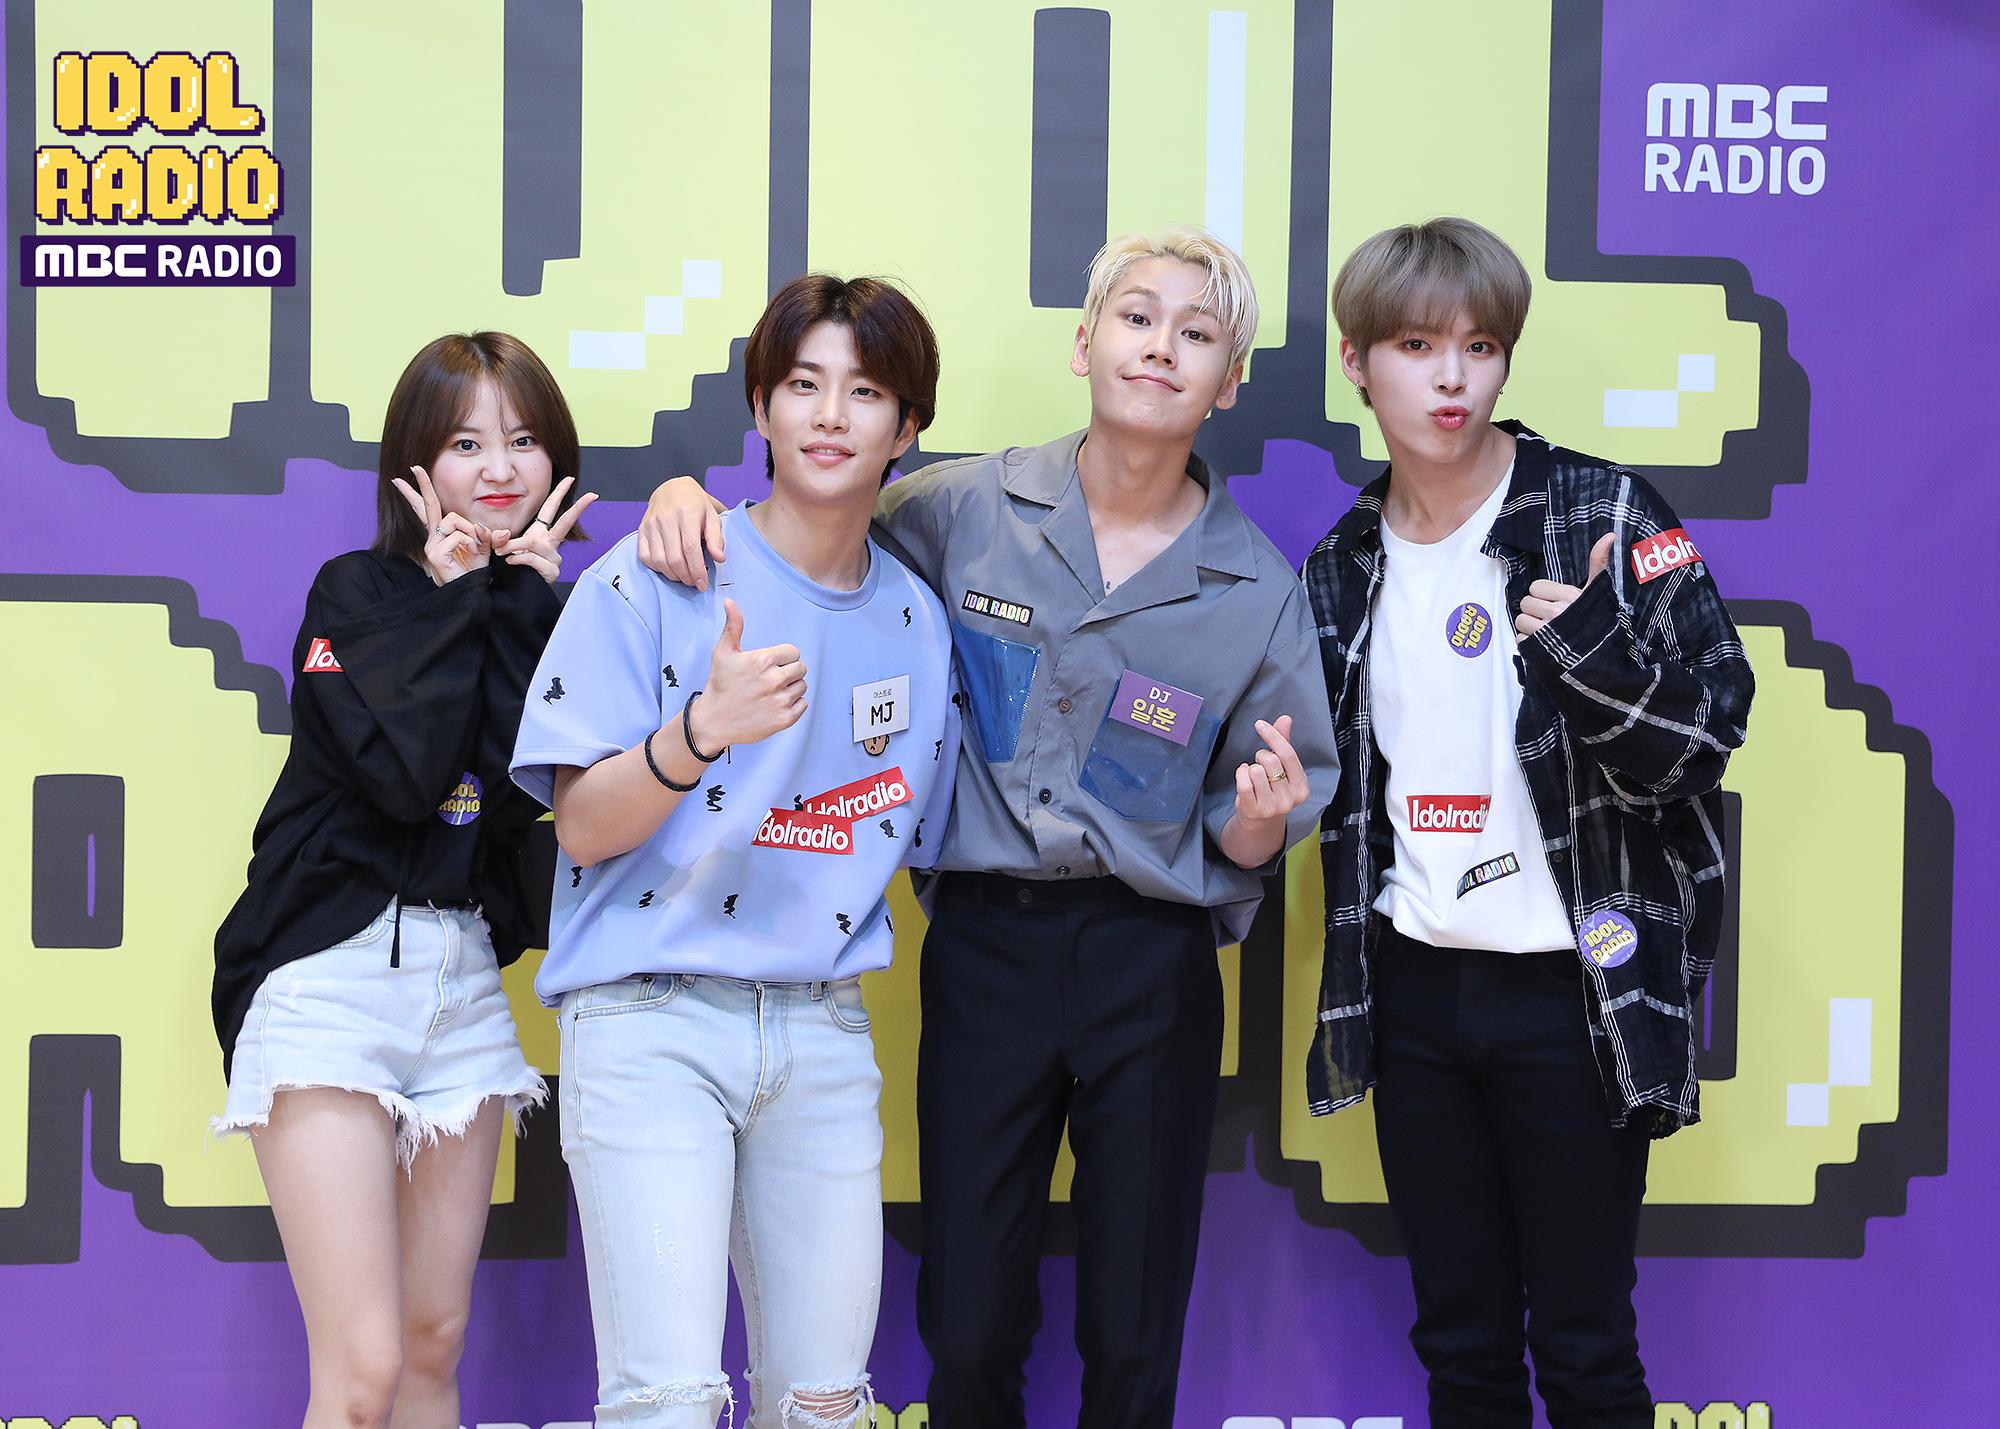 '아이돌 라디오' NC.A-아스트로 MJ-베리베리 연호, 뛰어난 가창력+남다른 흥 발산